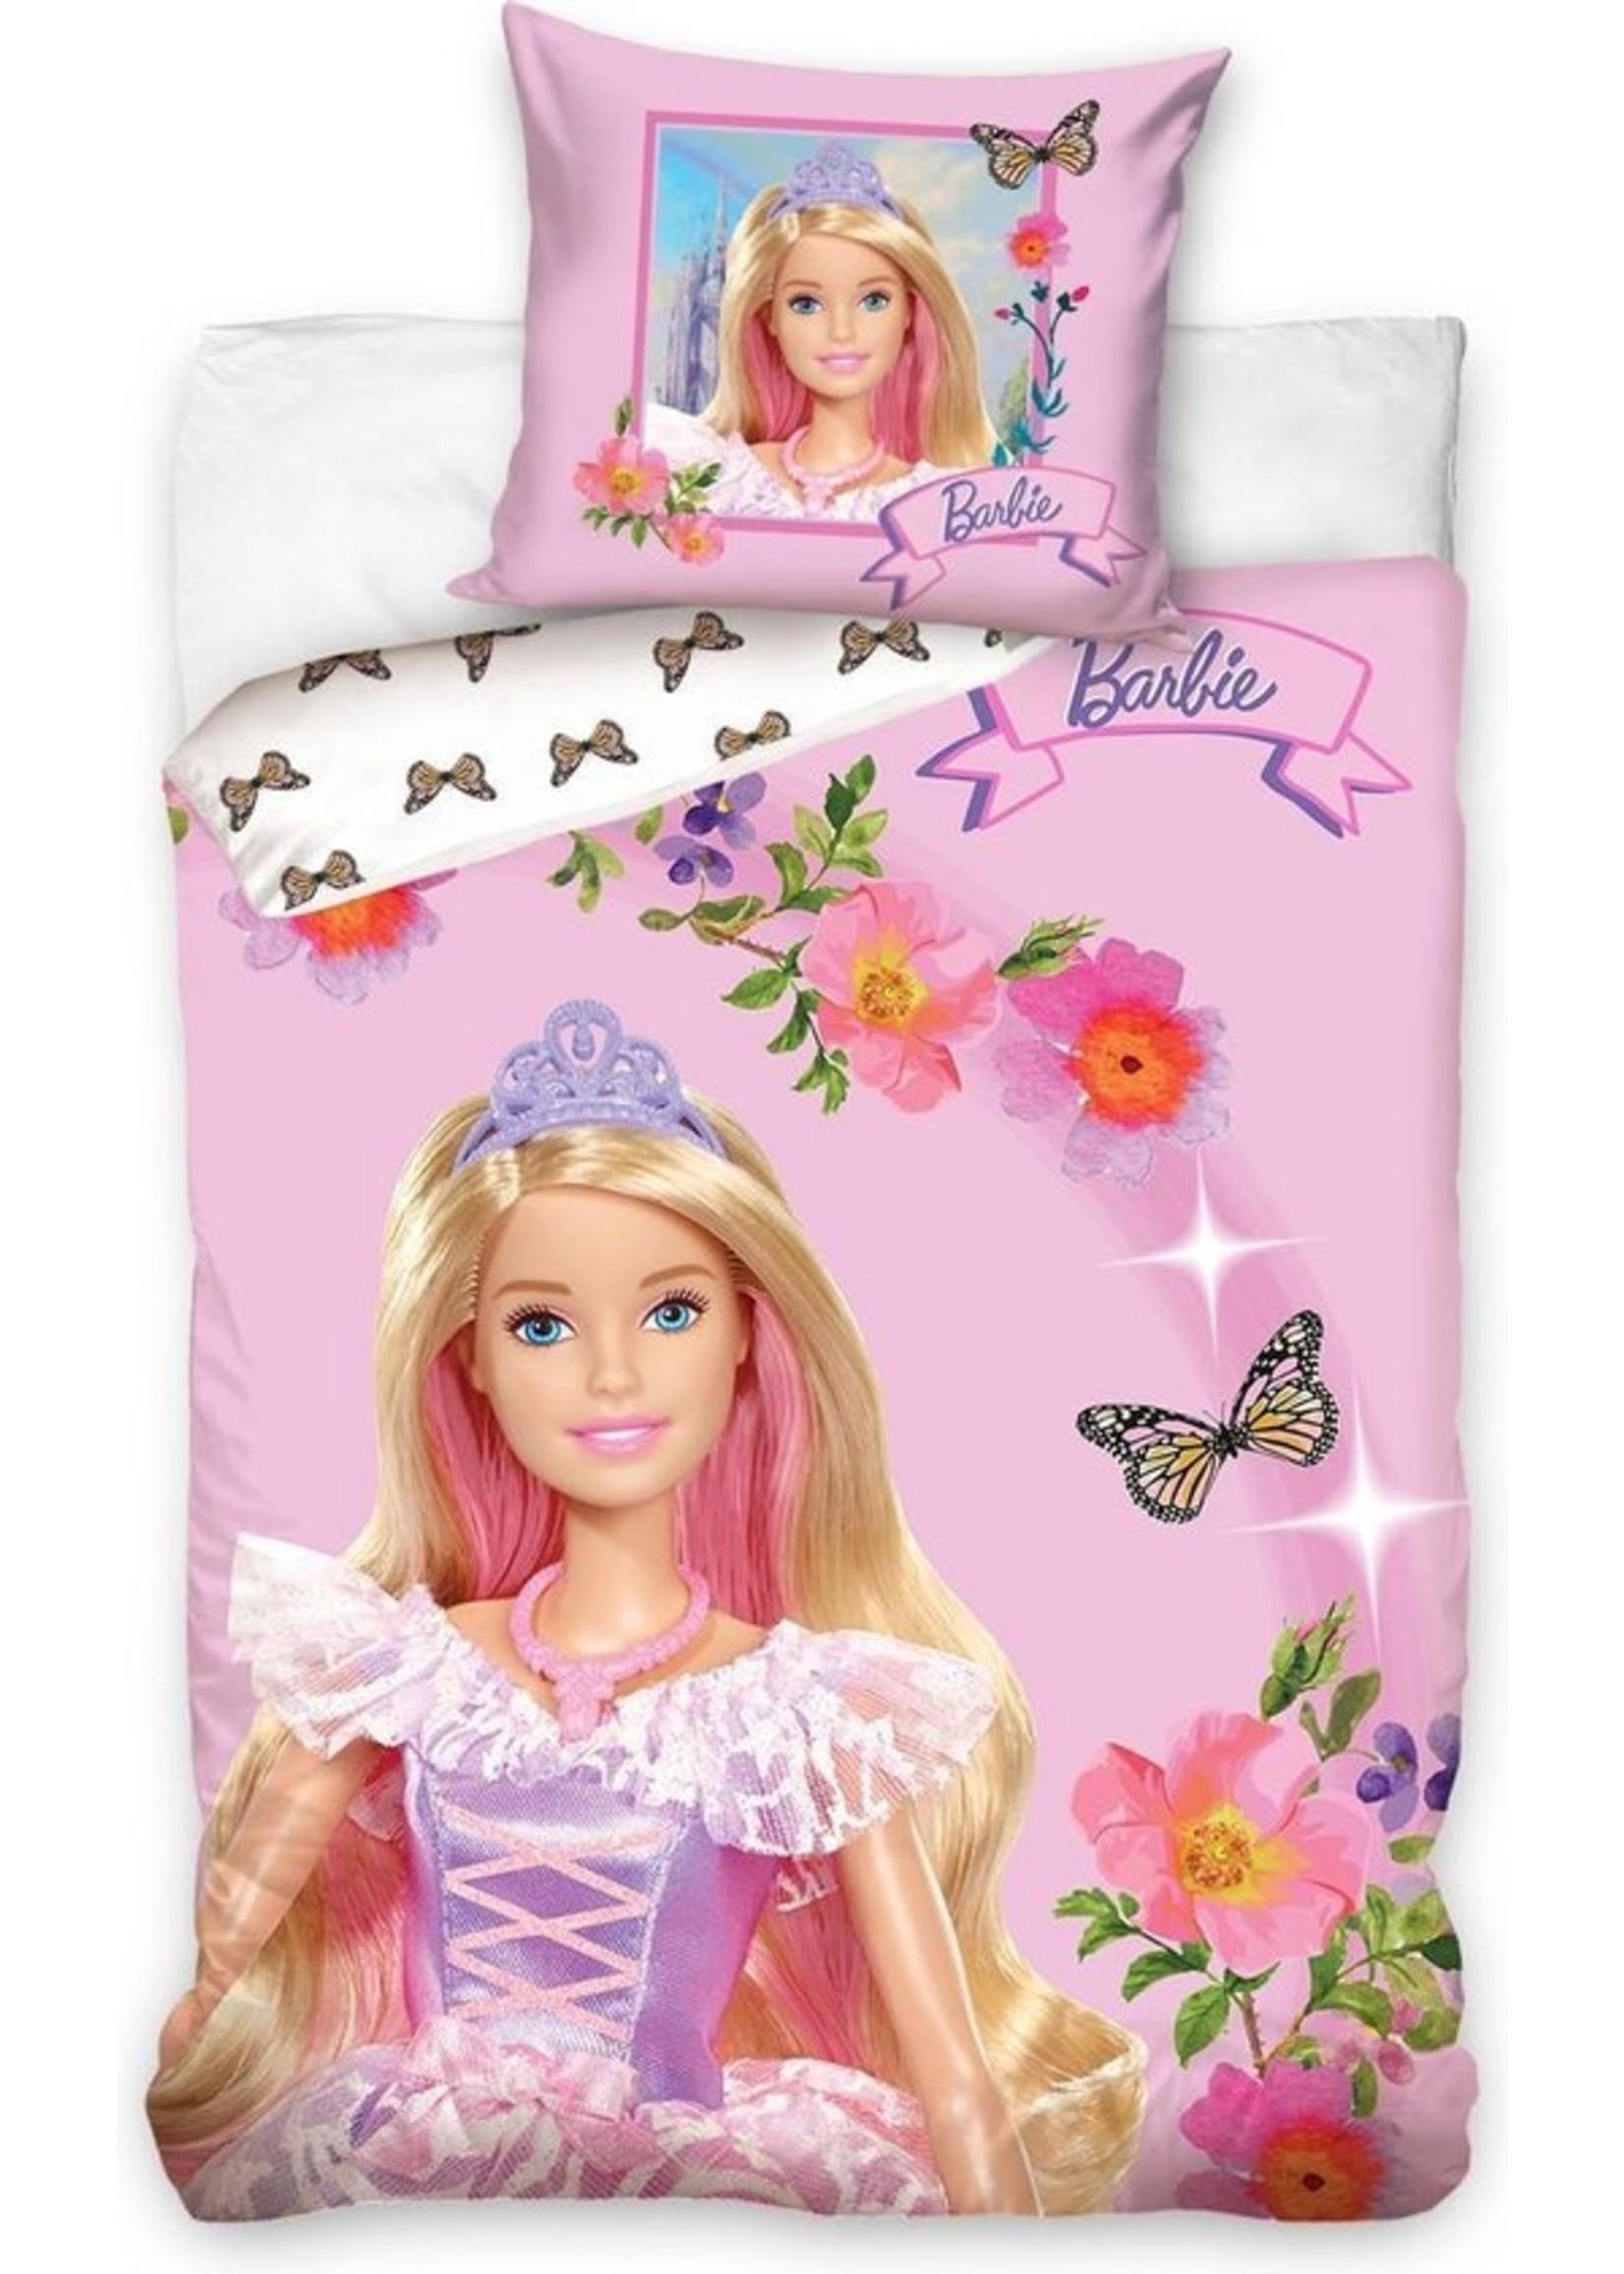 Barbie Barbie Dekbedovertrek 140x200cm Katoen Grote kussensloop 70x90cm